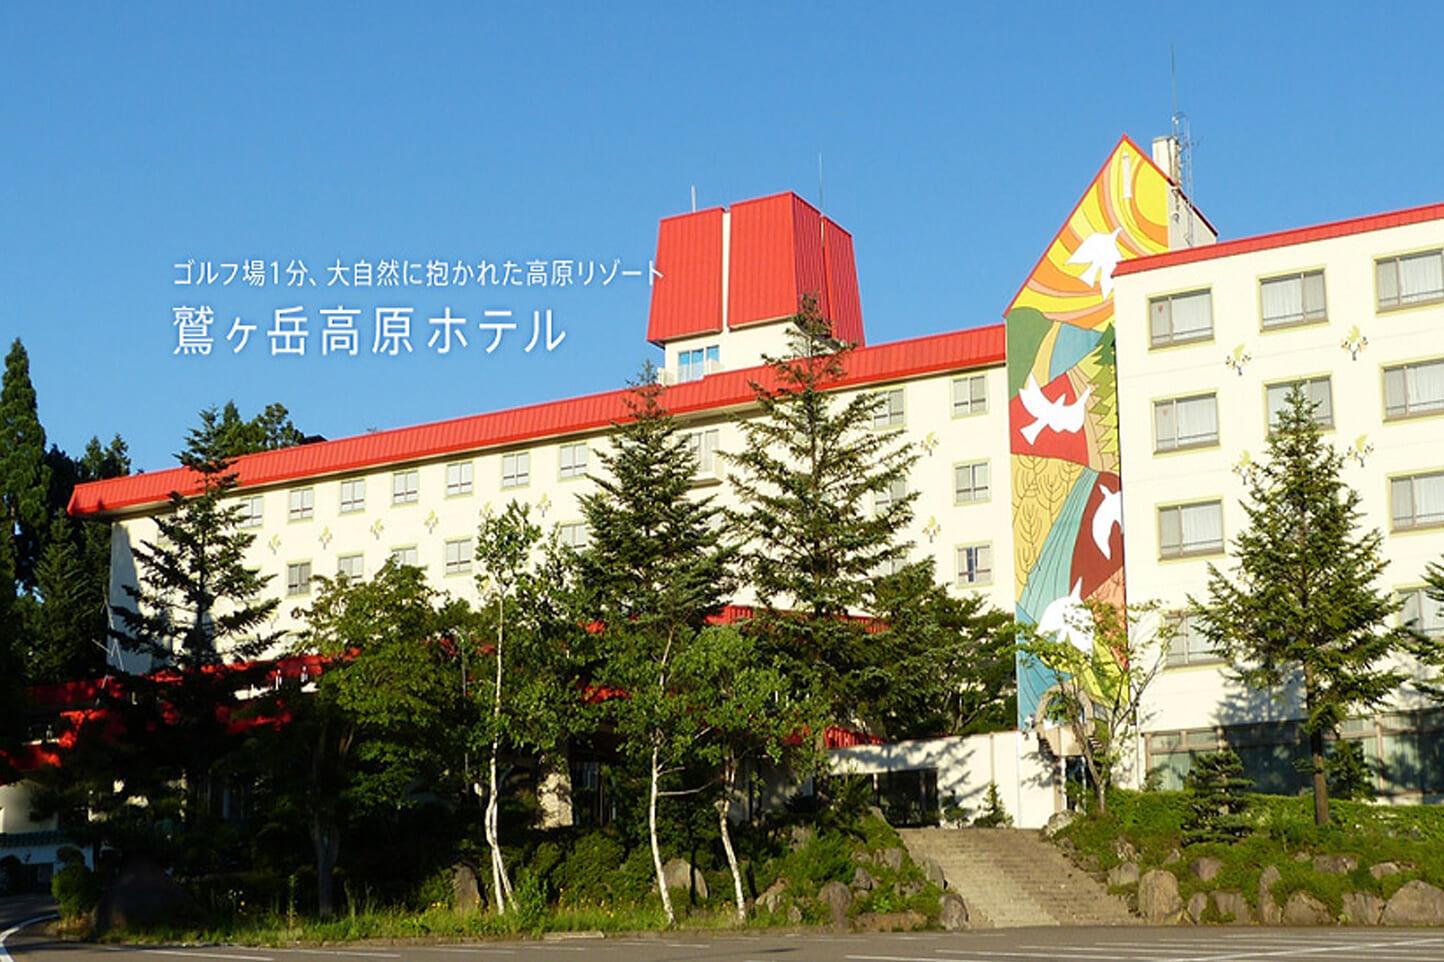 鷲ヶ岳高原ホテル新館 スライダー画像1